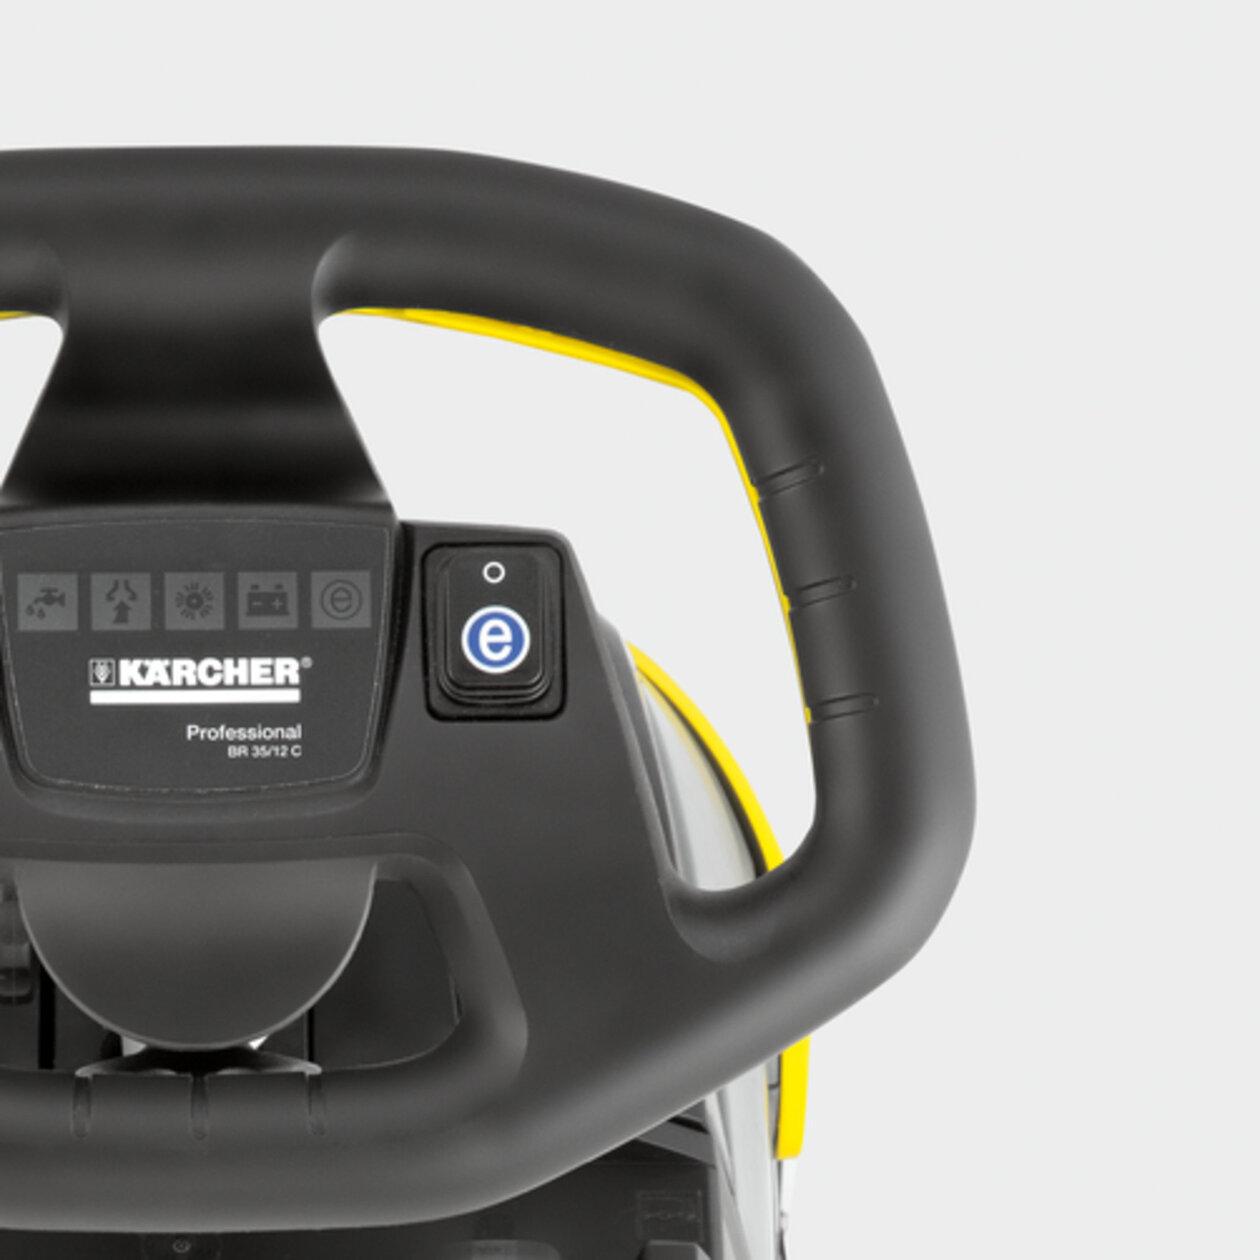 Podlahový mycí stroj s odsáváním BR 35/12 C Bp Pack *EU: Energeticky úsporný režim eco!efficiency